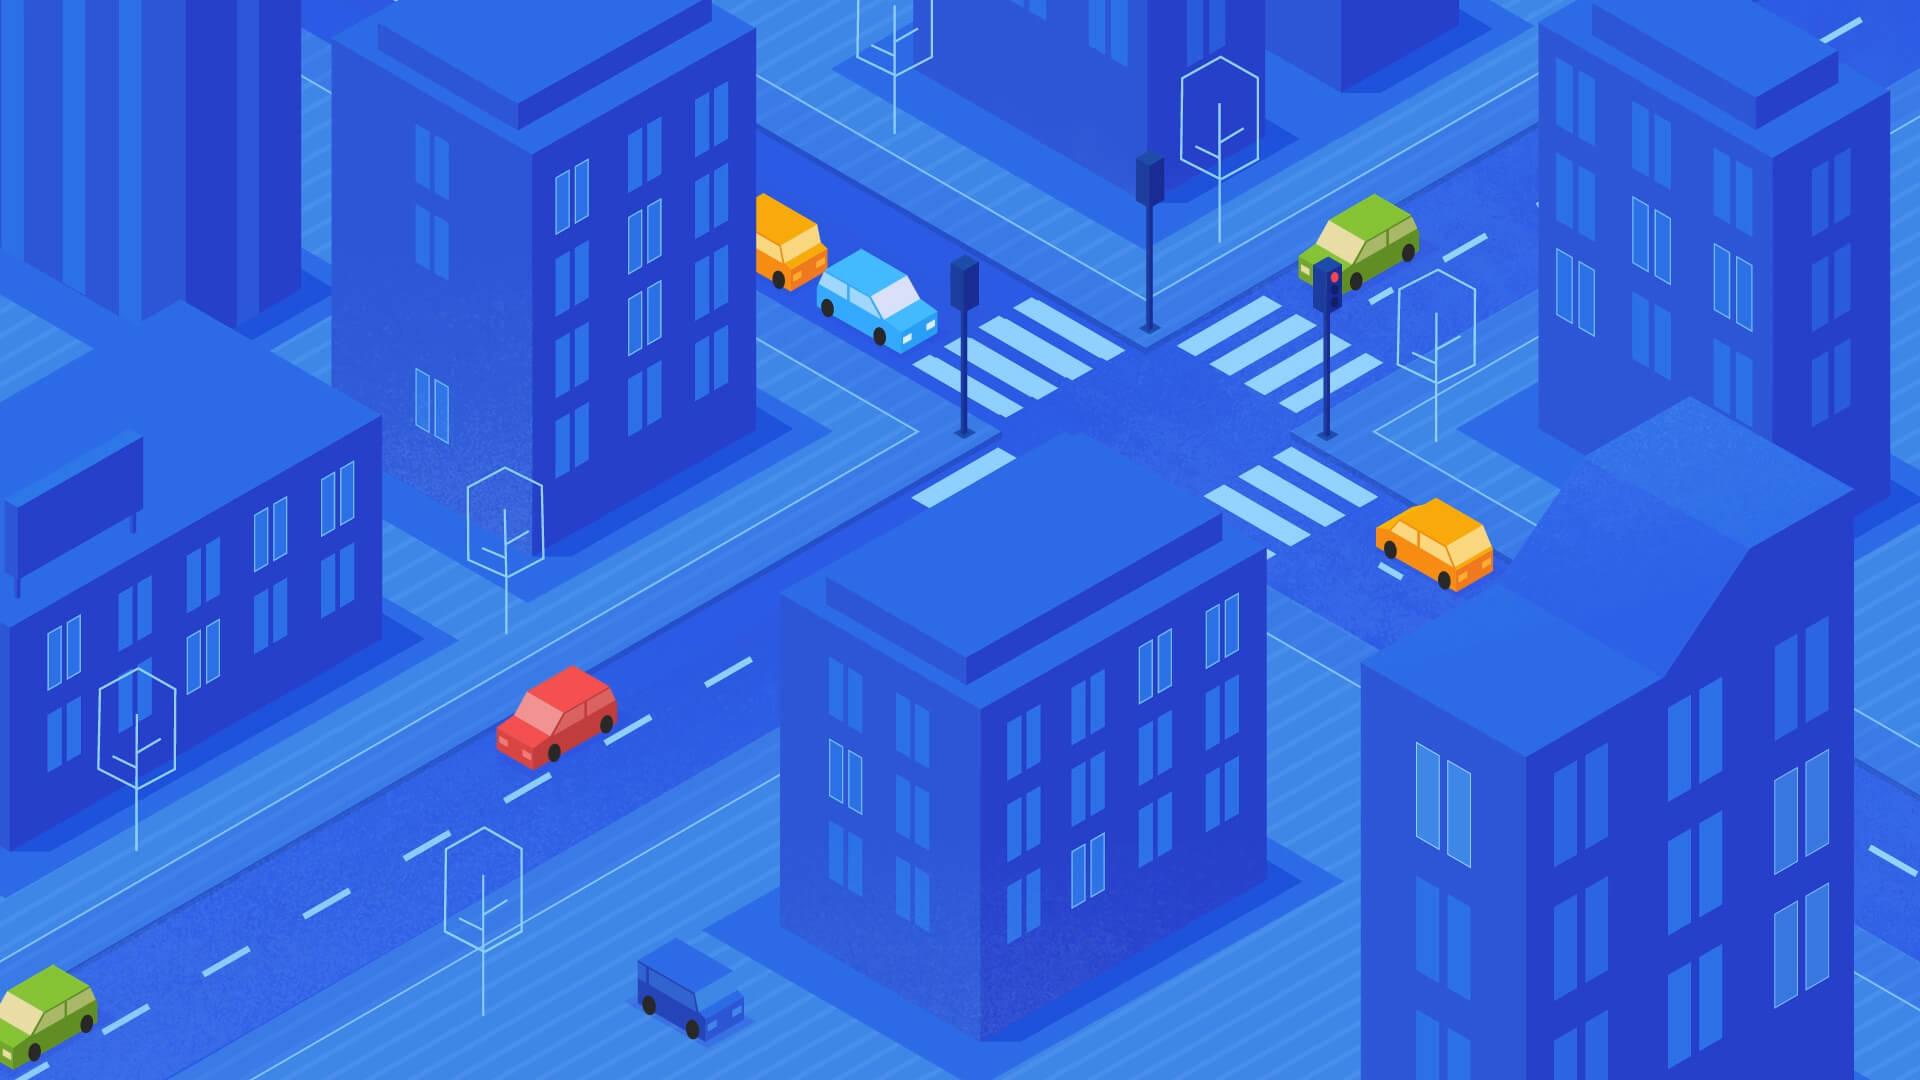 Startup animation street